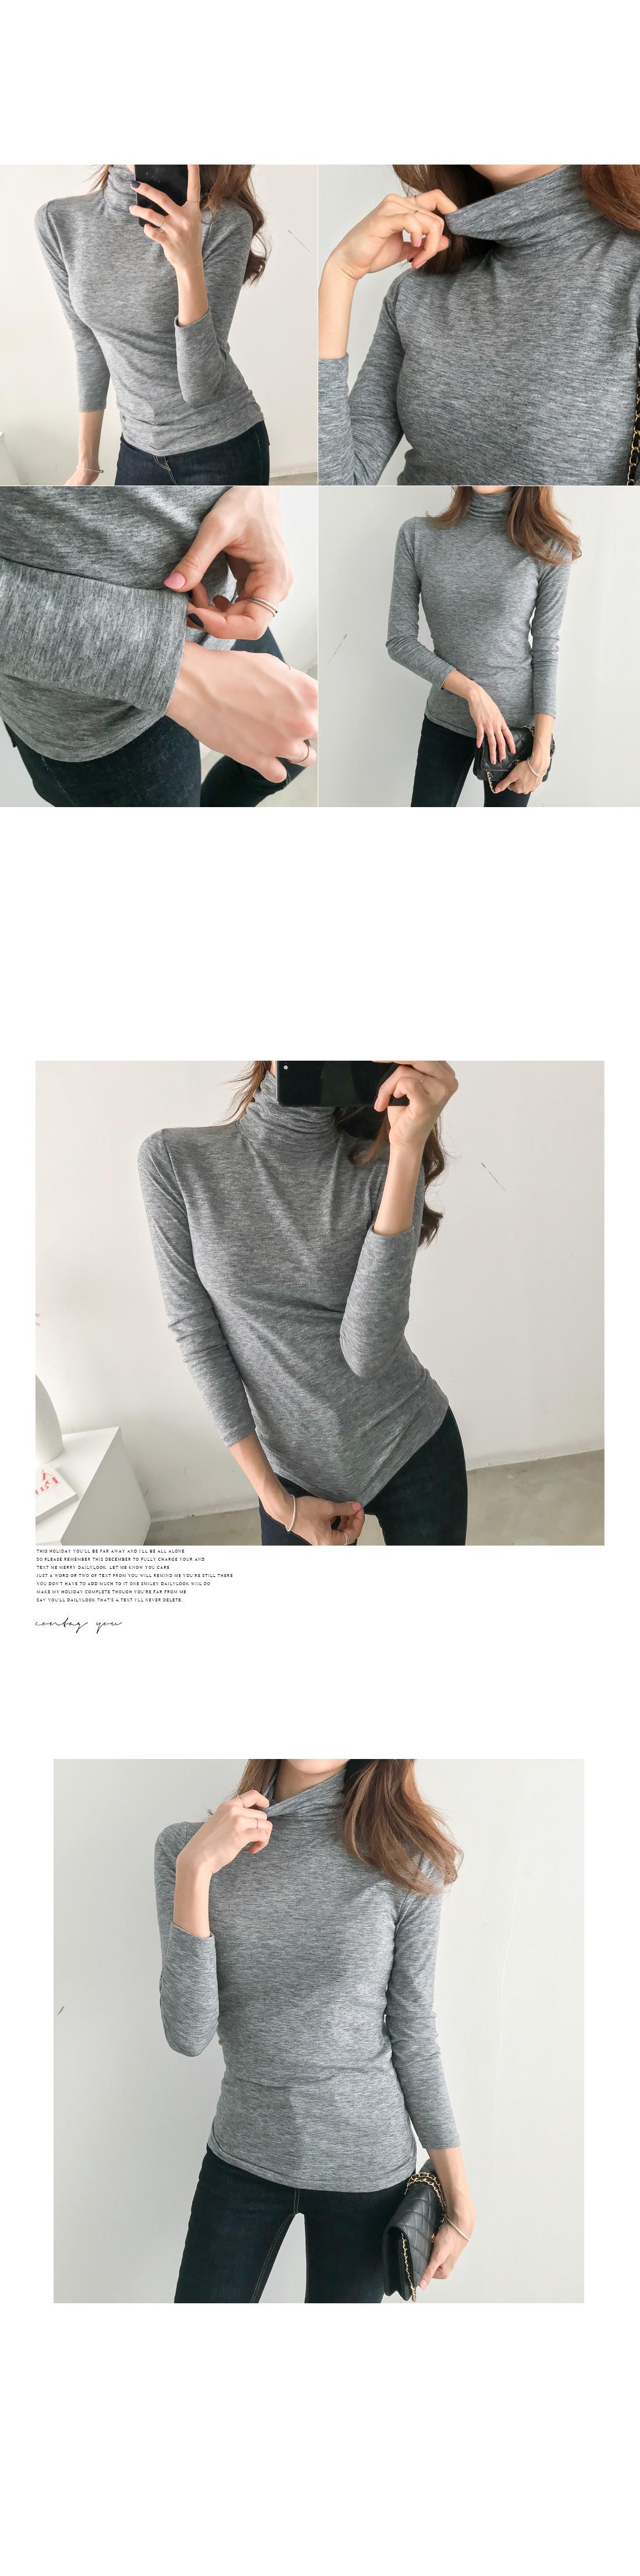 Turtleneck Basic Knitwear T-shirt #106289